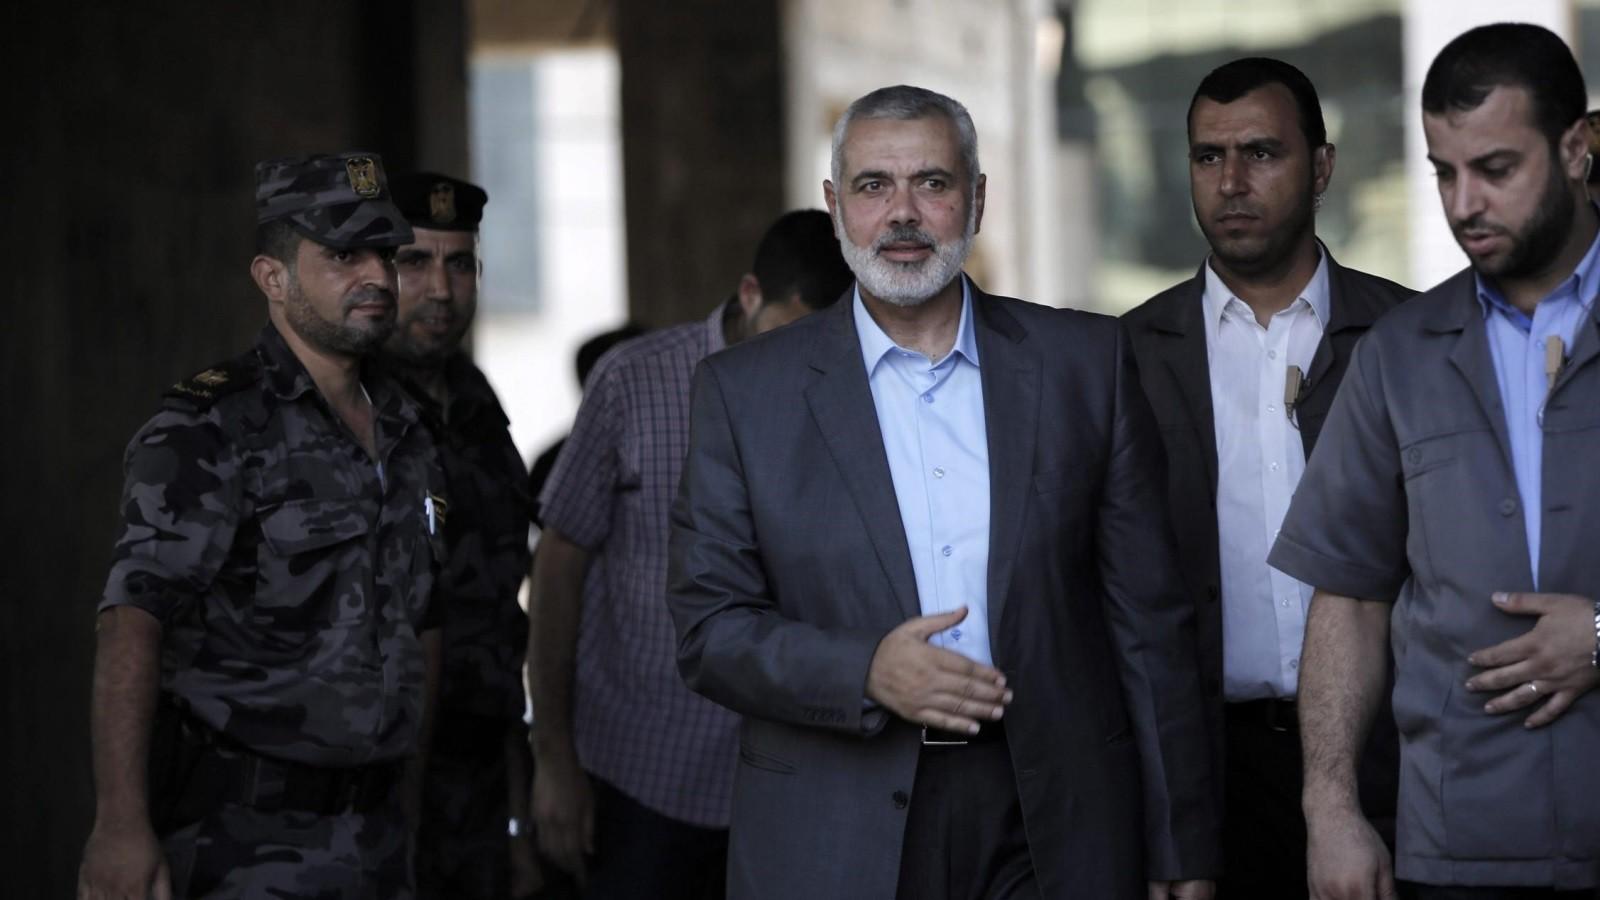 صحيفة : وفد من حماس برئاسة هنية يتوجه للقاهرة هذا الاسبوع